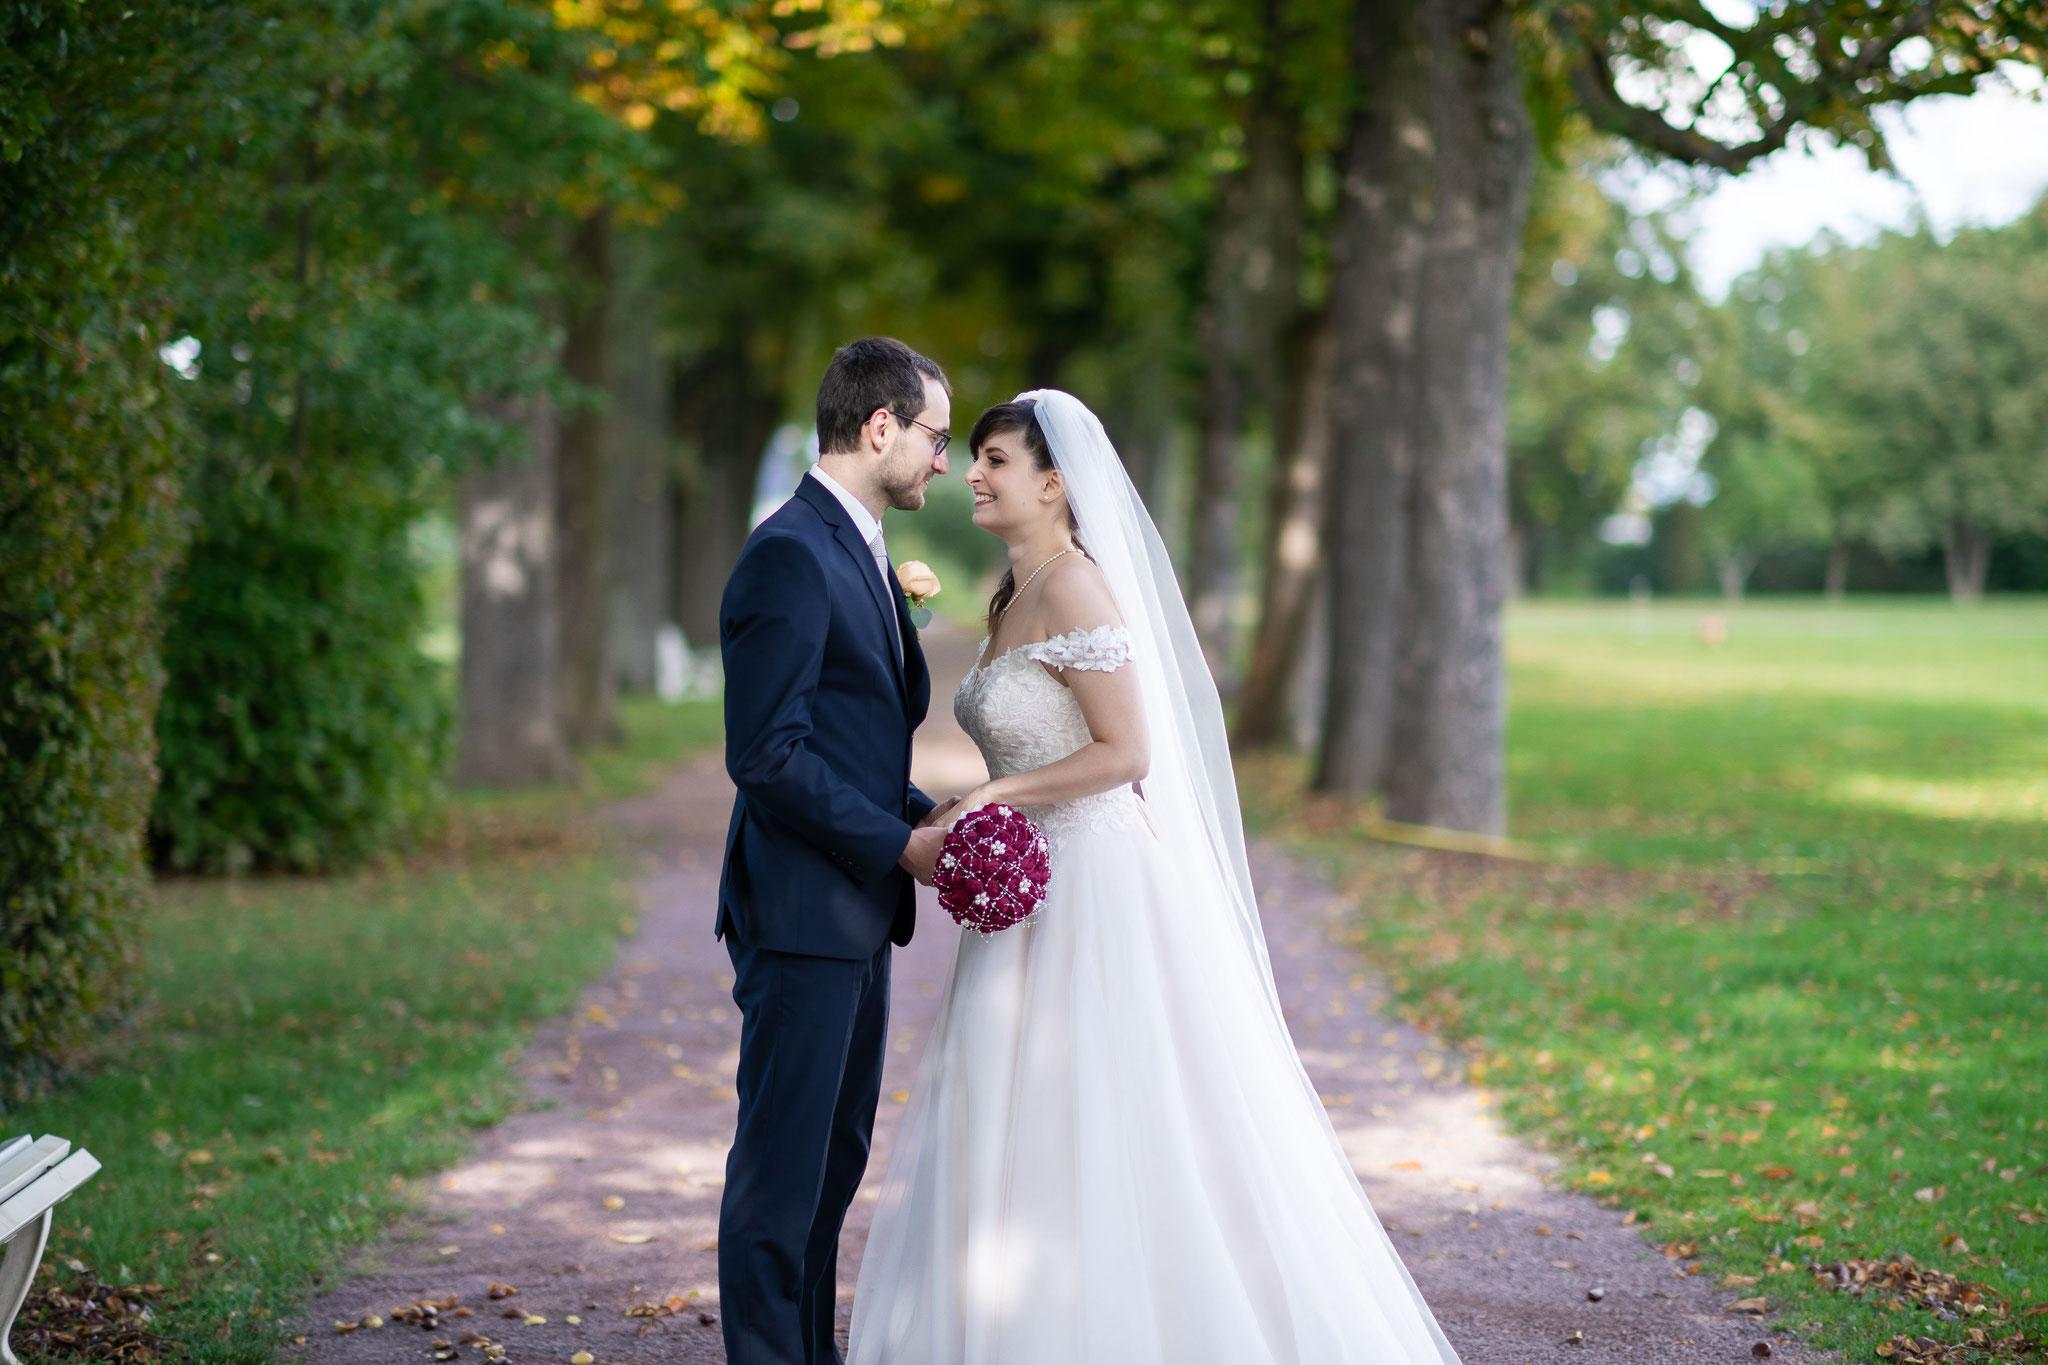 Romantisches und authentisches Brautpaarshooting im Garten von Schloss Braunshardt in Weiterstadt